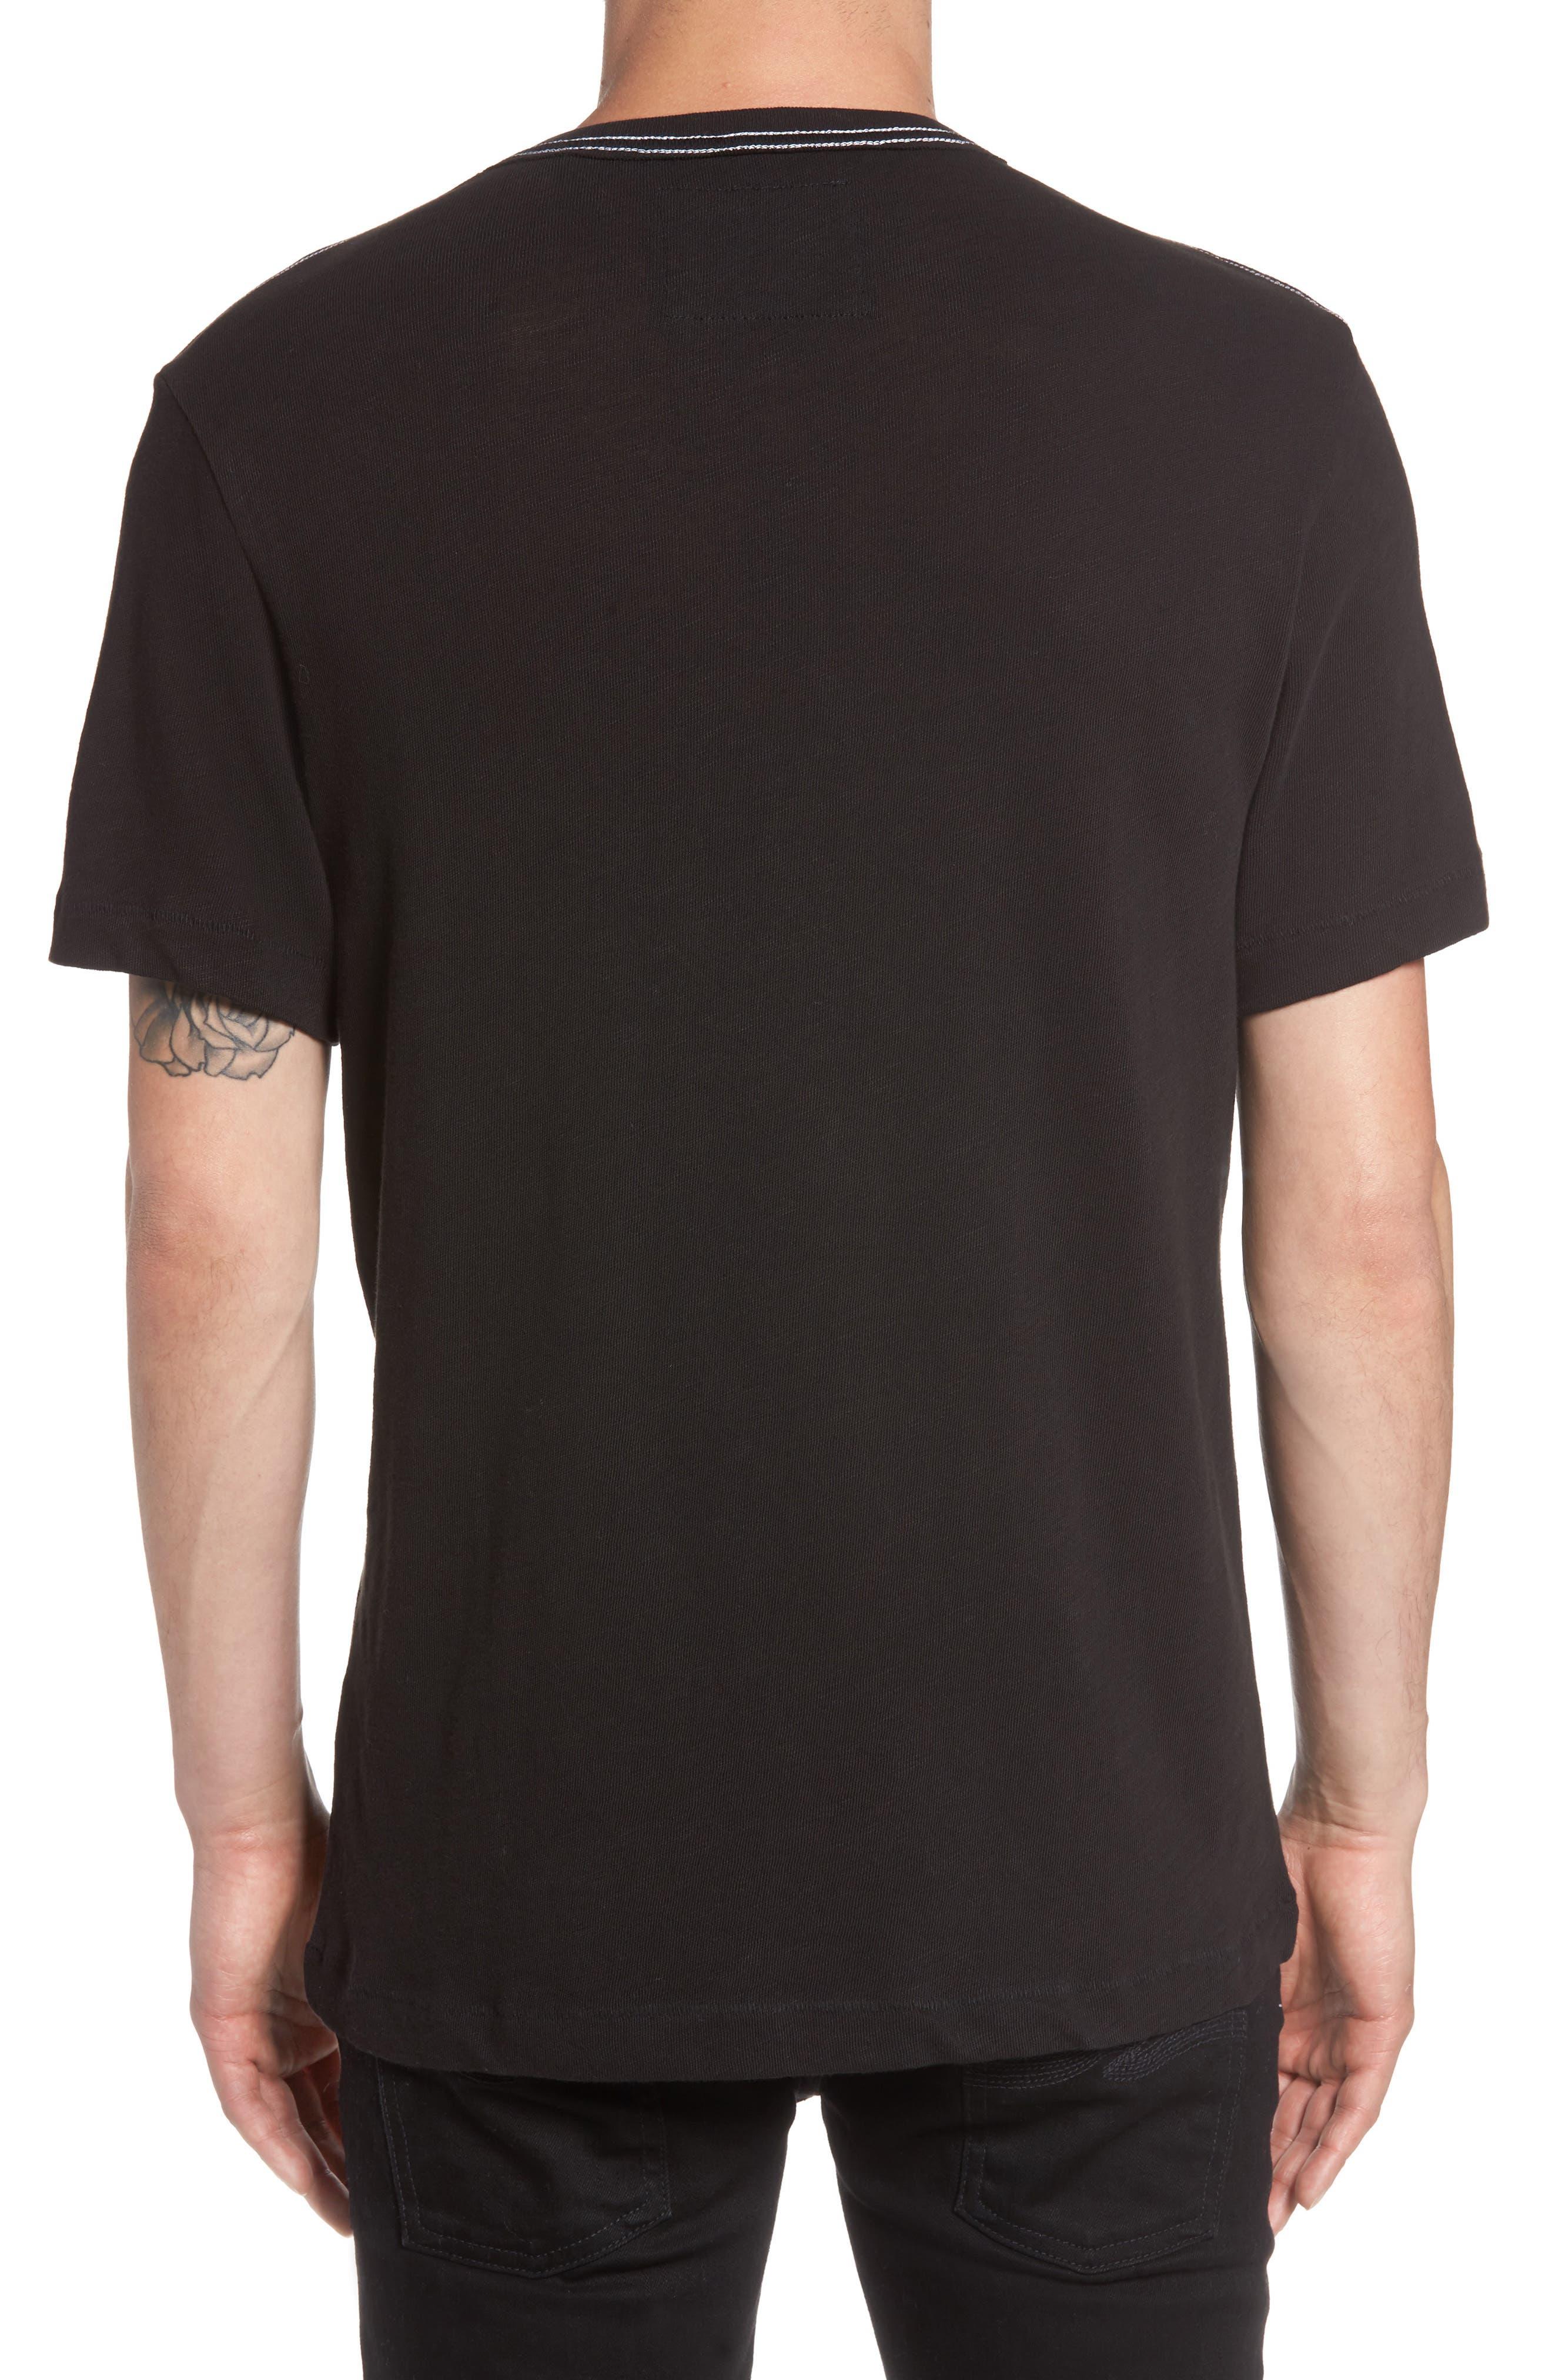 Denim Goods T-Shirt,                             Alternate thumbnail 2, color,                             001